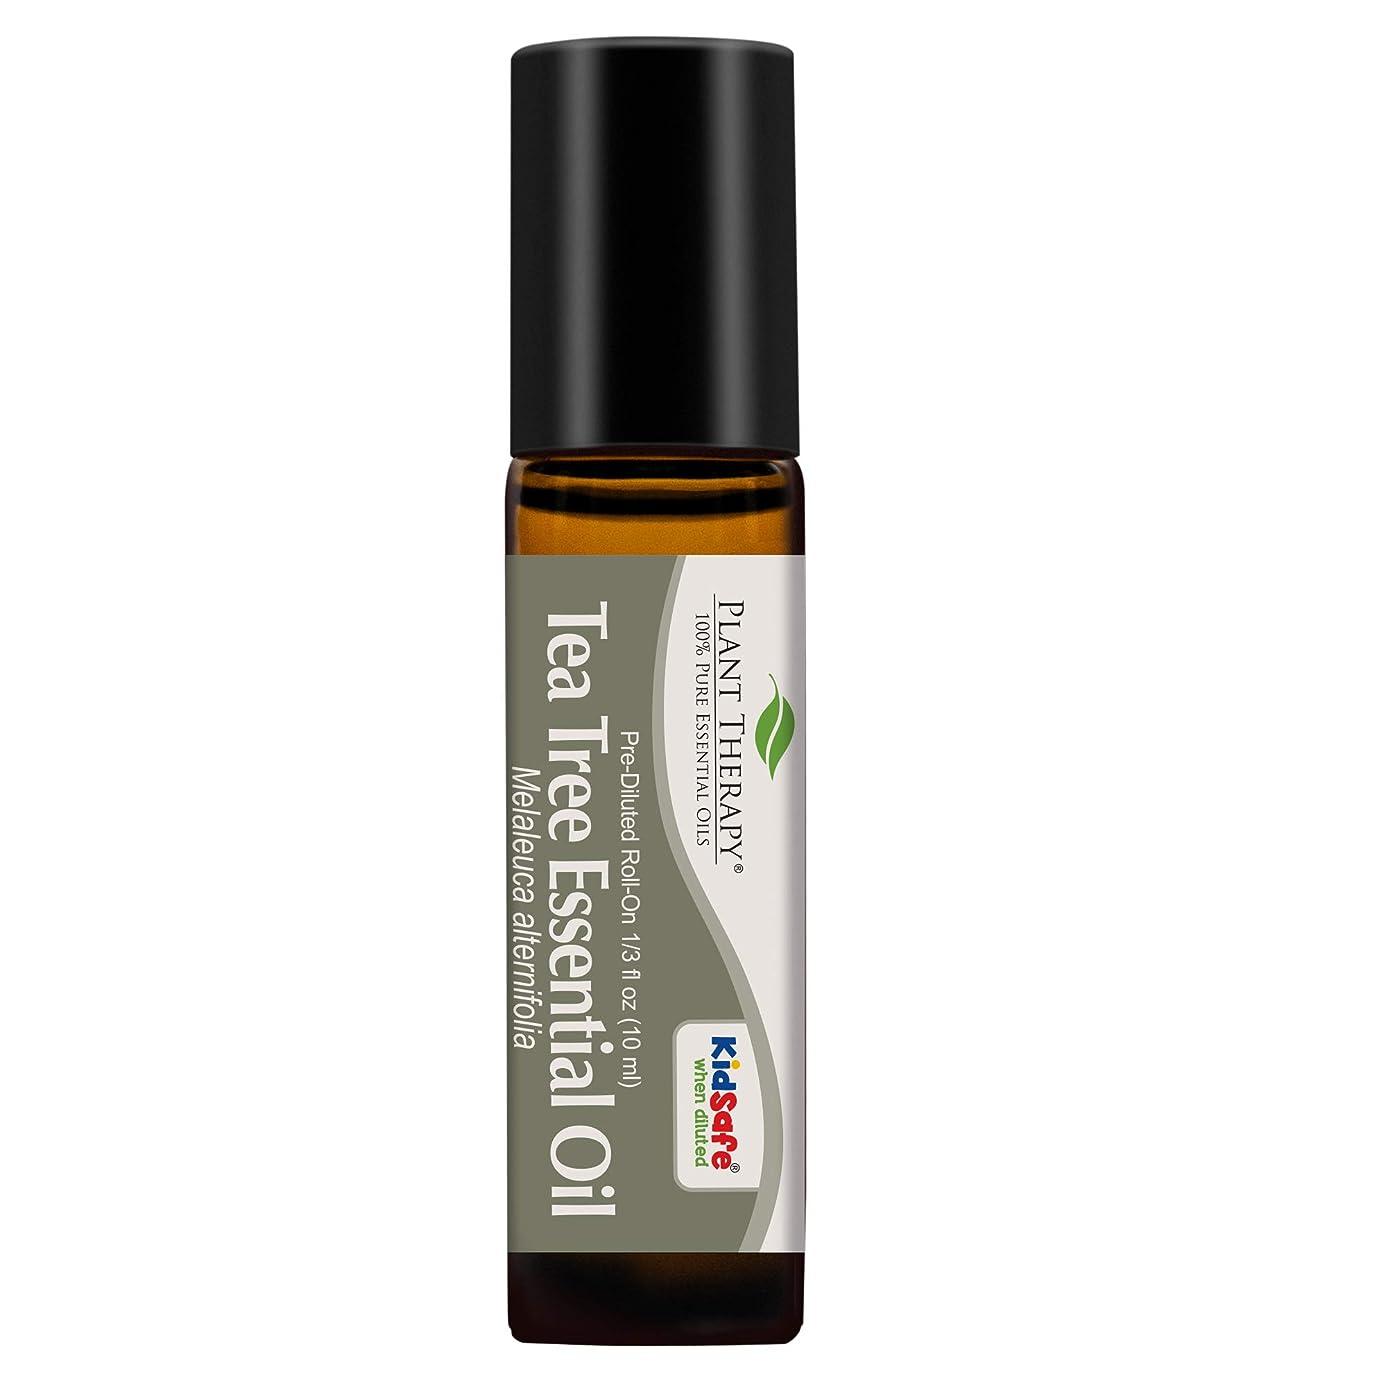 ストリップ借りているしなければならないPlant Therapy Tea Tree Pre-Diluted Roll-On 10 ml (1/3 fl oz) 100% Pure, Therapeutic Grade